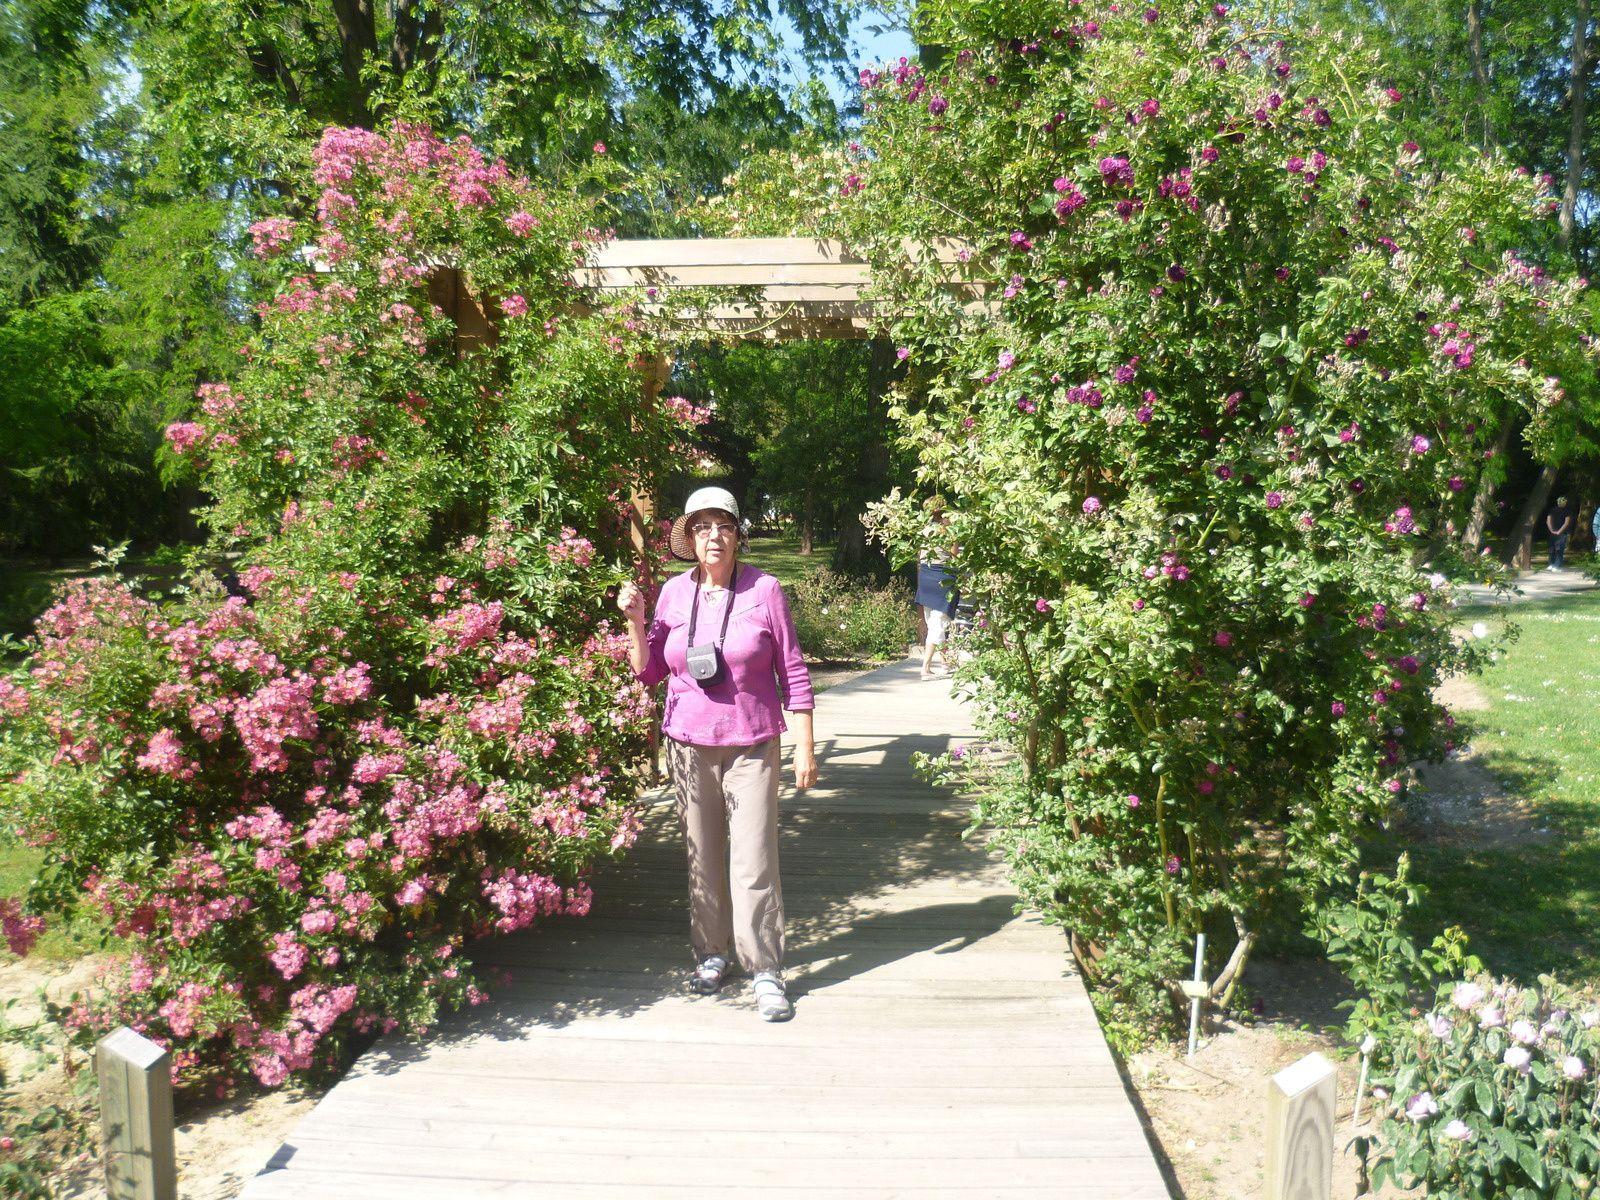 puis nous avons terminé notre journée au jardin des plantes de ST-Cyprien...passez une bonne journée amitiés YVETTE